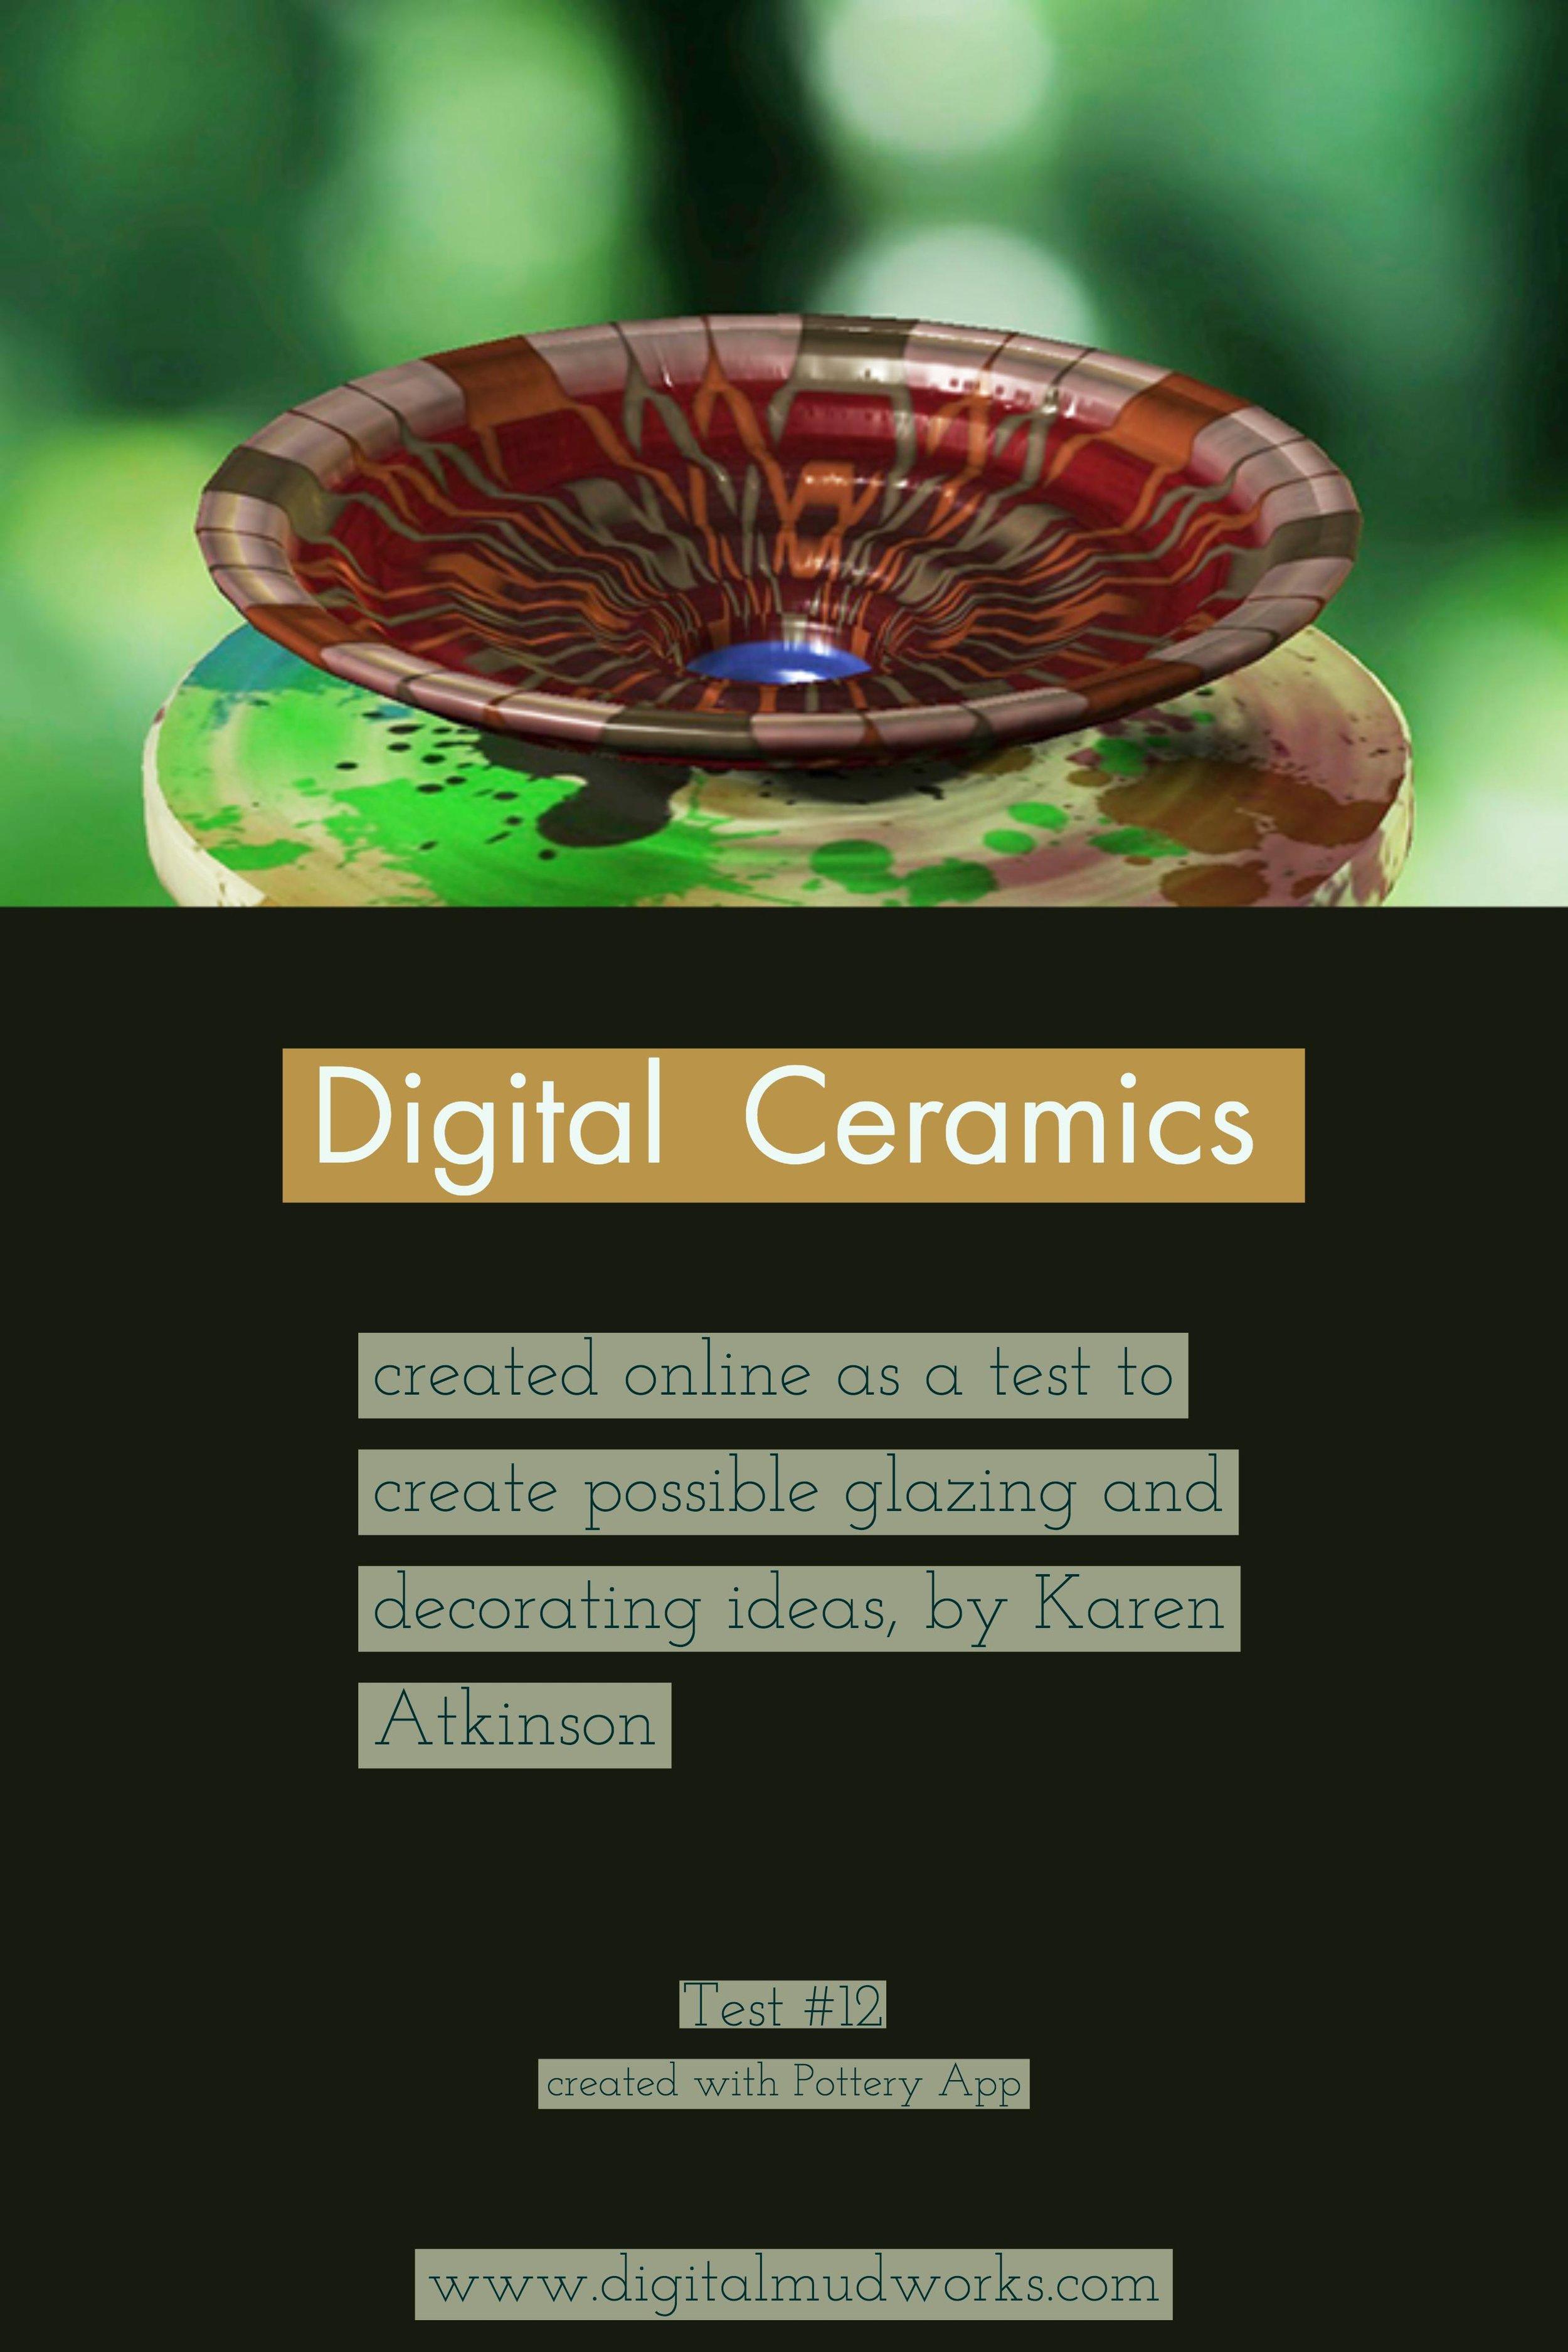 Digital Ceramics Test 012, using a computer app to do glaze and design tests. by Karen Atkinson